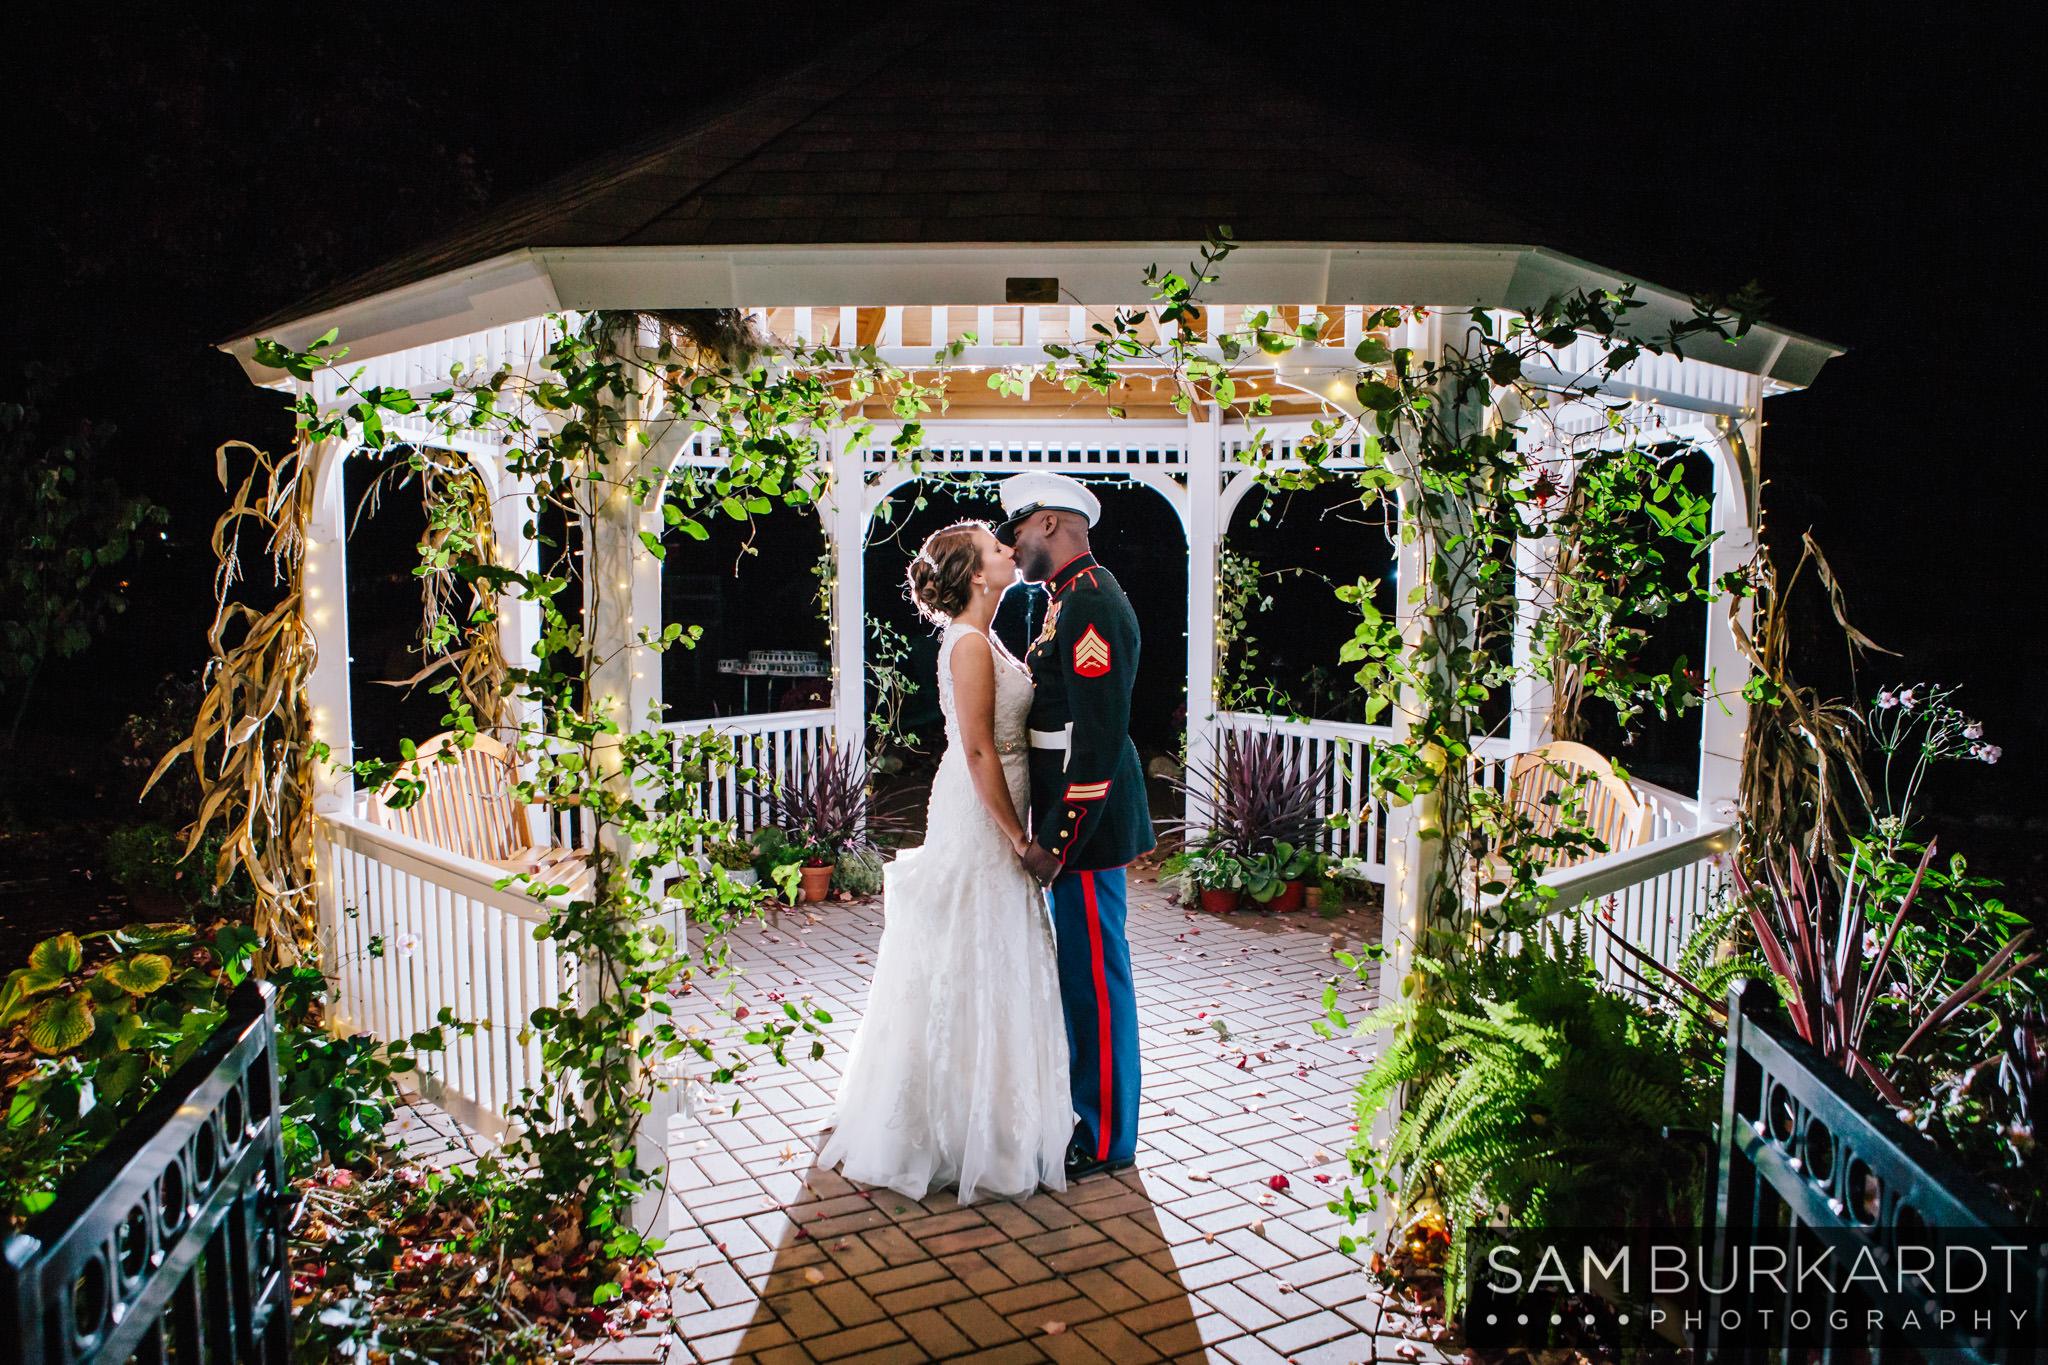 samburkardt_pond_house_hartford_wedding_fall_0069.jpg